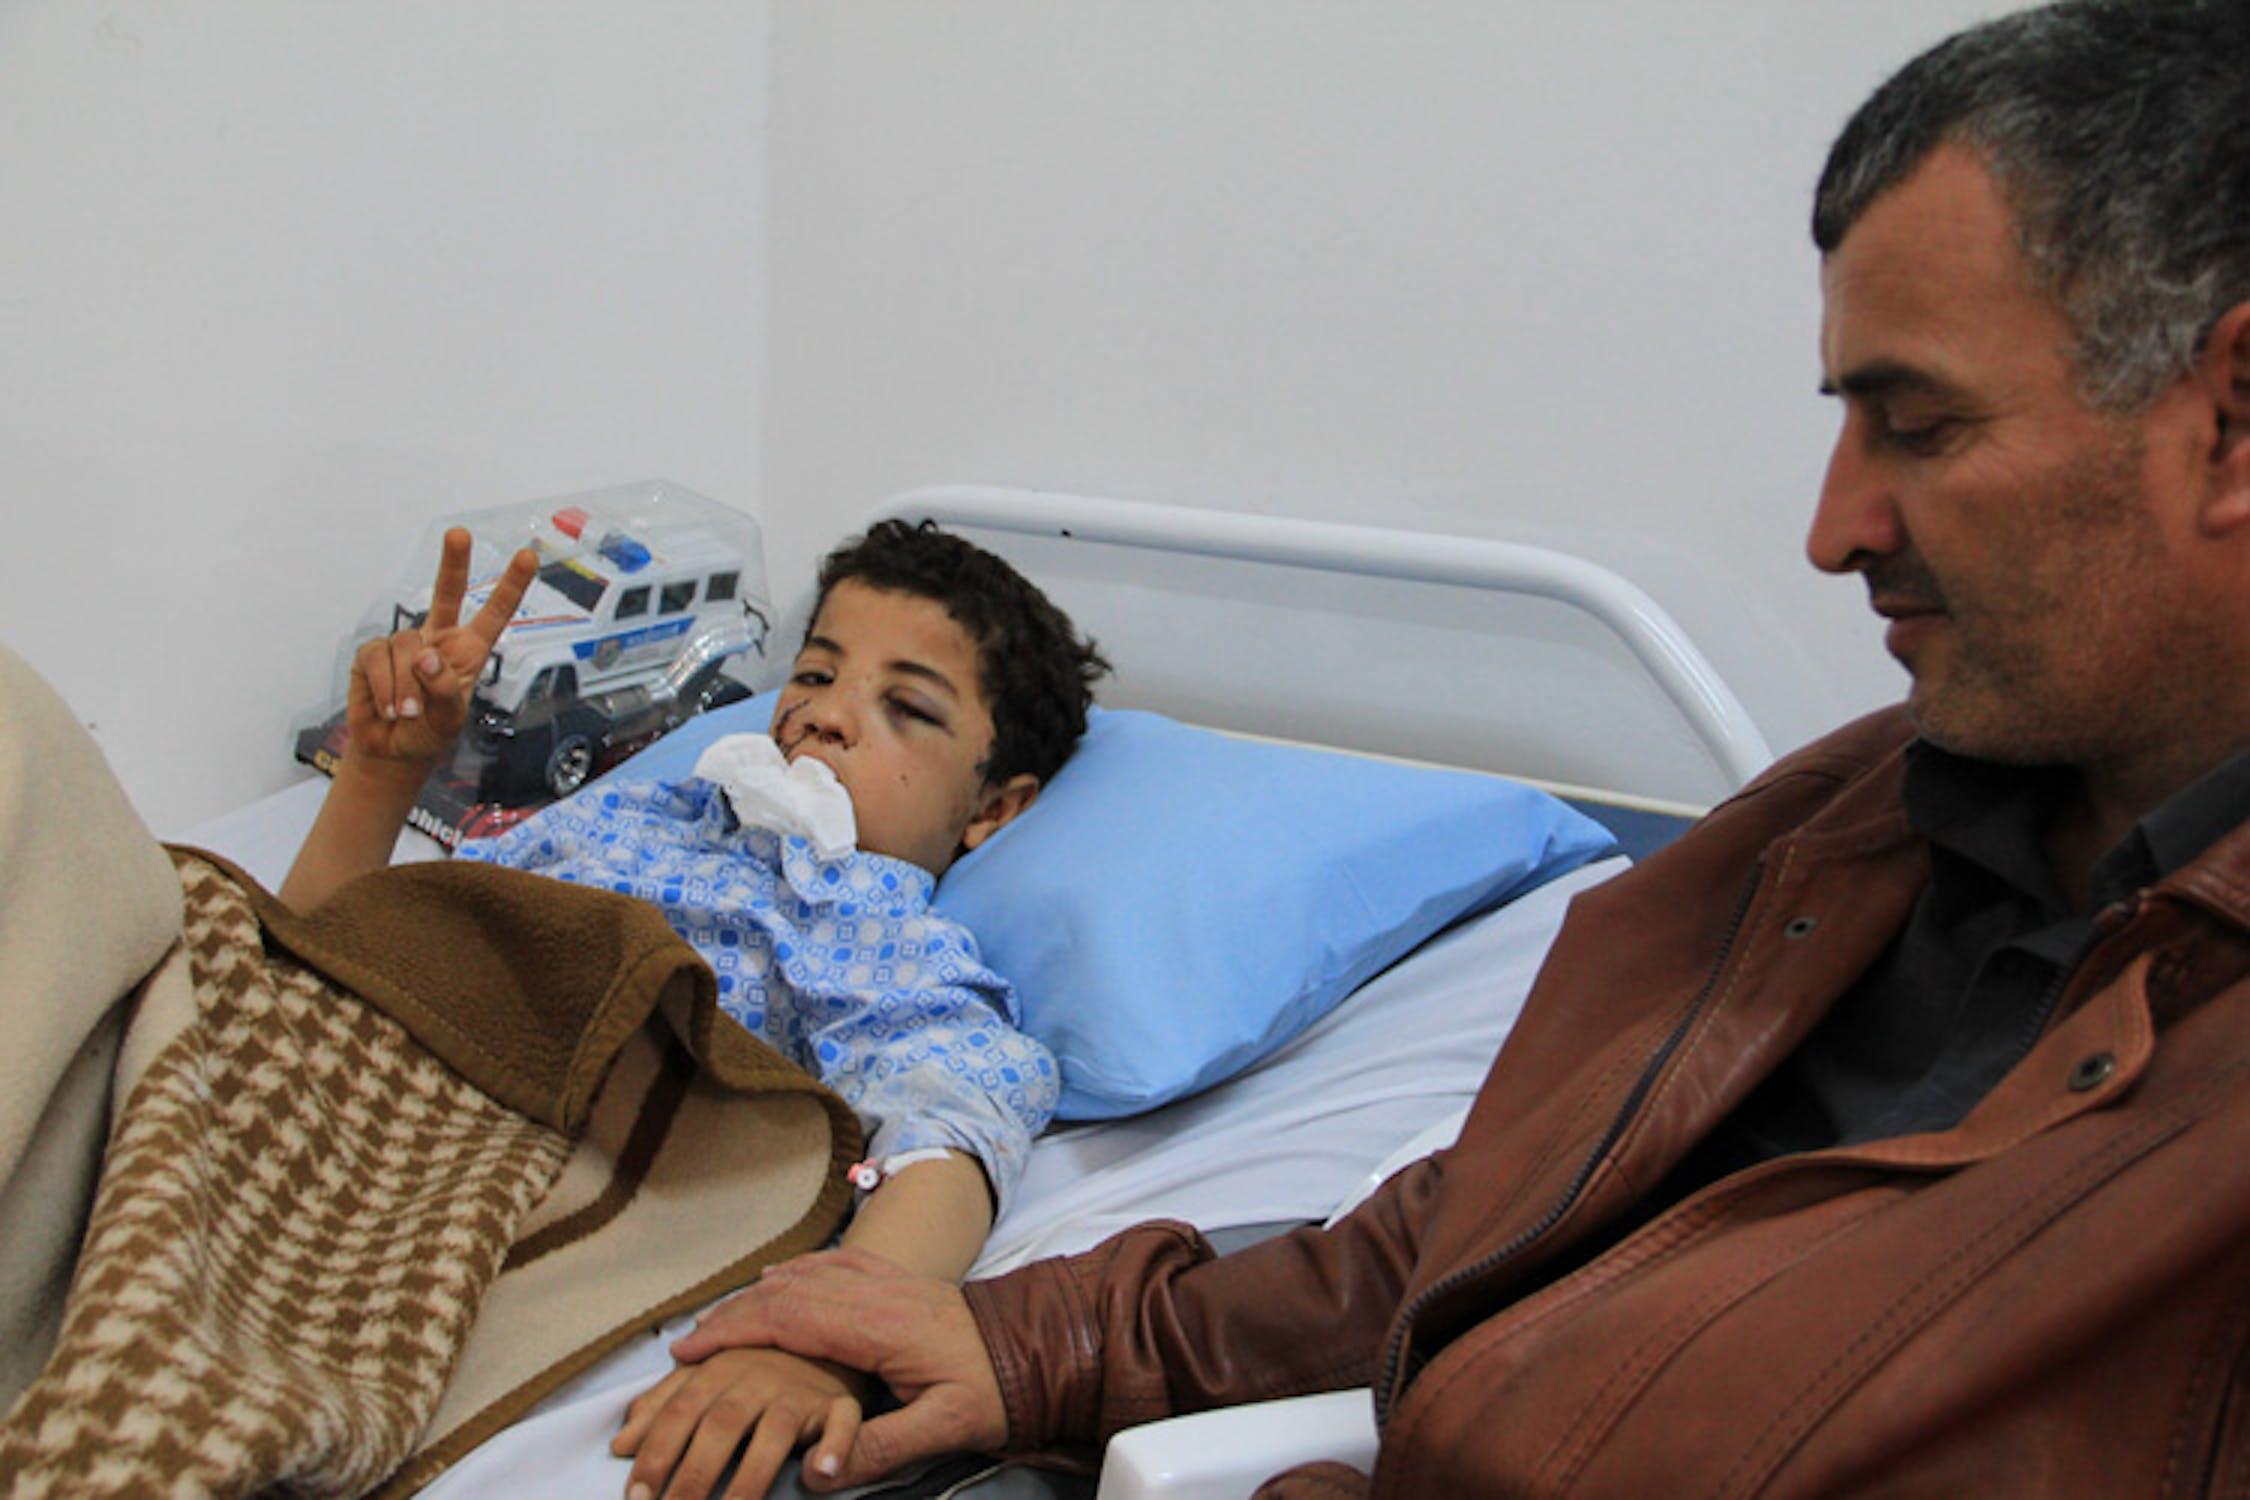 Mufteh, il bambino protagonista di questa storia, in ospedale a Bengasi prima dell'operazione. Accanto a lui è il padre, Mohamed - ©UNICEF Libia/2011/J.Elder